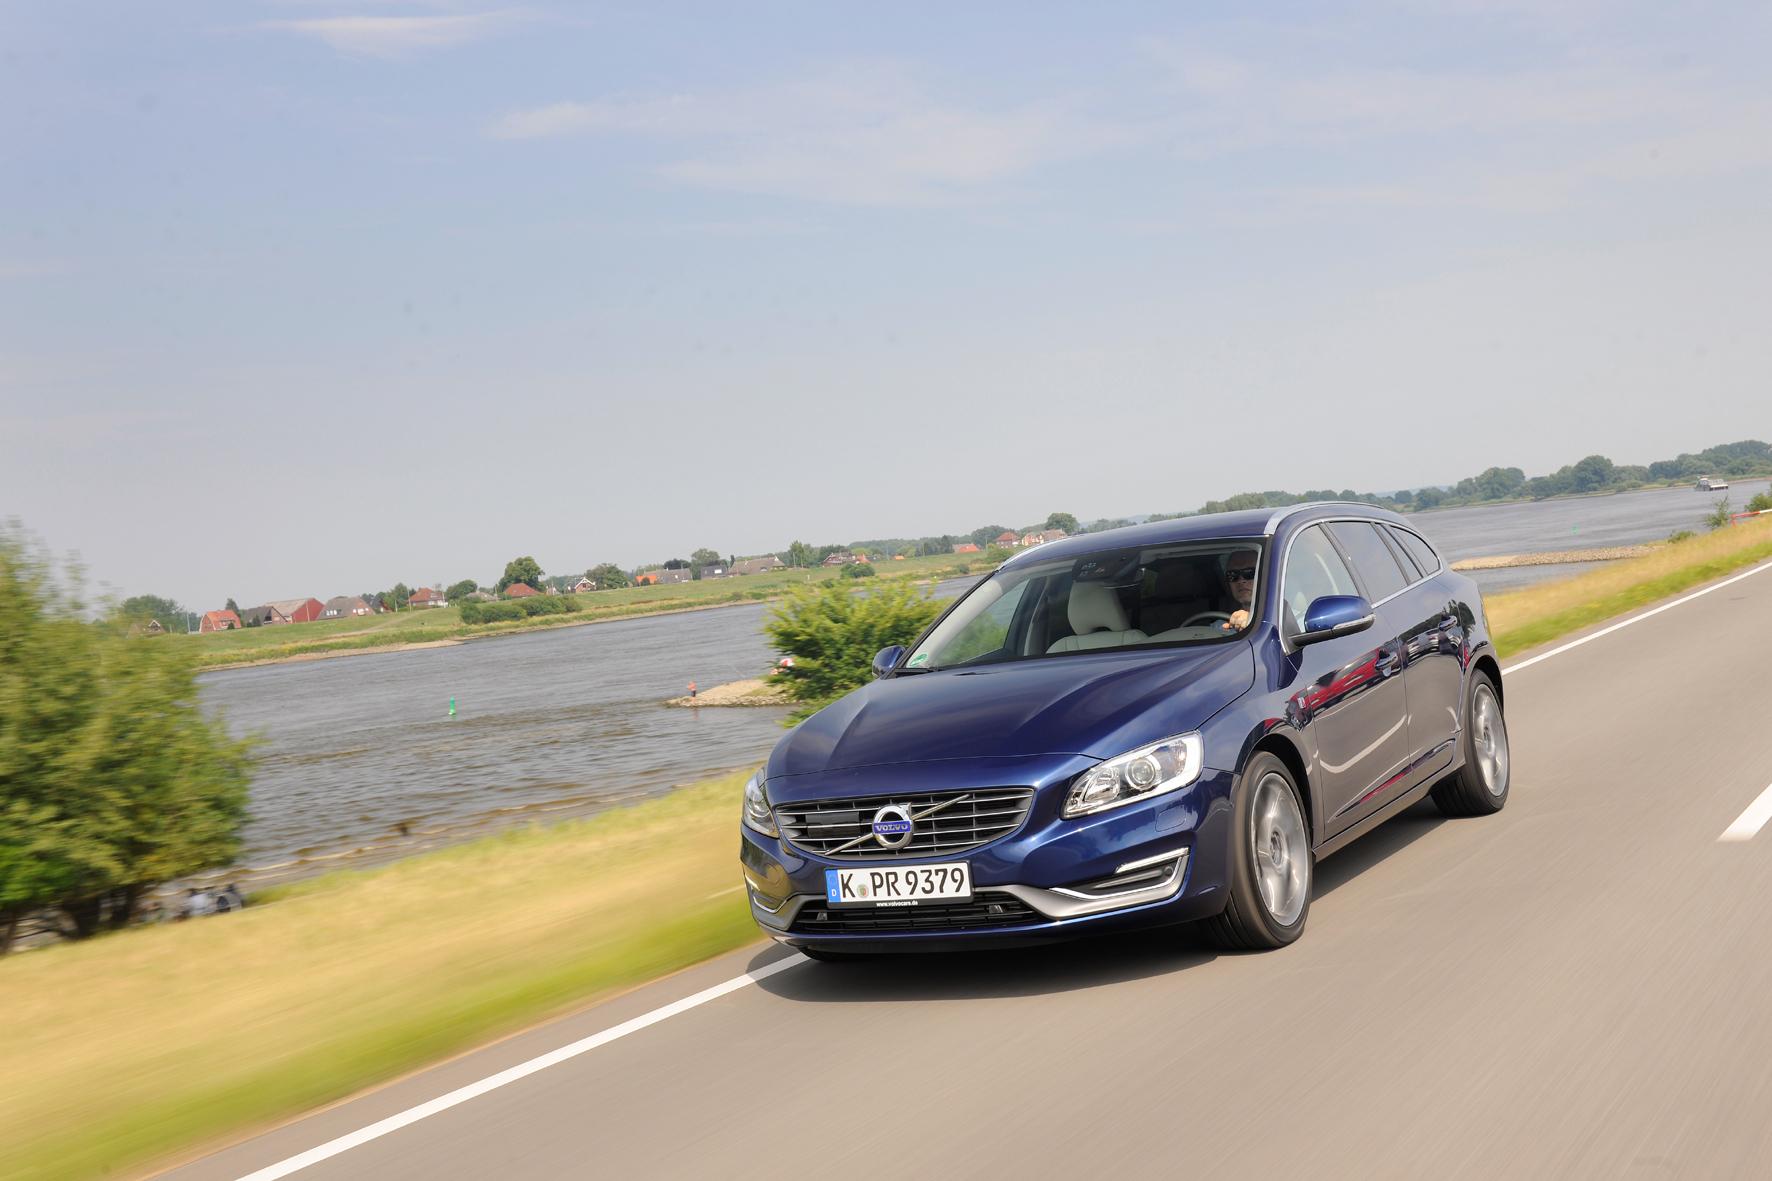 mid Groß-Gerau - Volvo ruft in Deutschland 7.863 Fahrzeuge mit 1,6-Liter-Motor in die Werkstätten. Sechs Modelle sind betroffen - unter anderem der V60 (Foto).